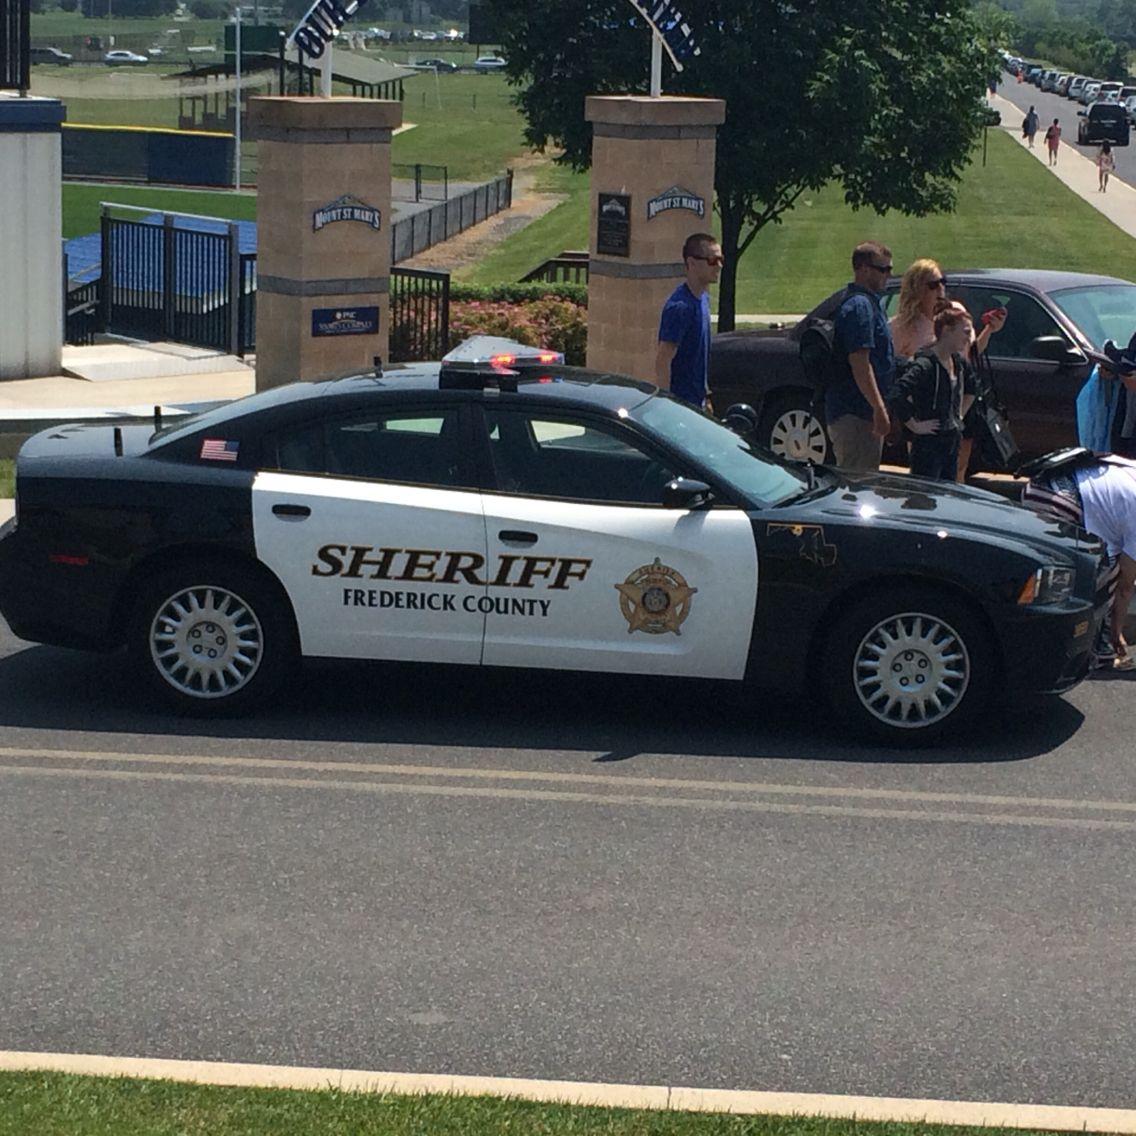 Frederick, MD #sherriff #police #policecar #policesuv